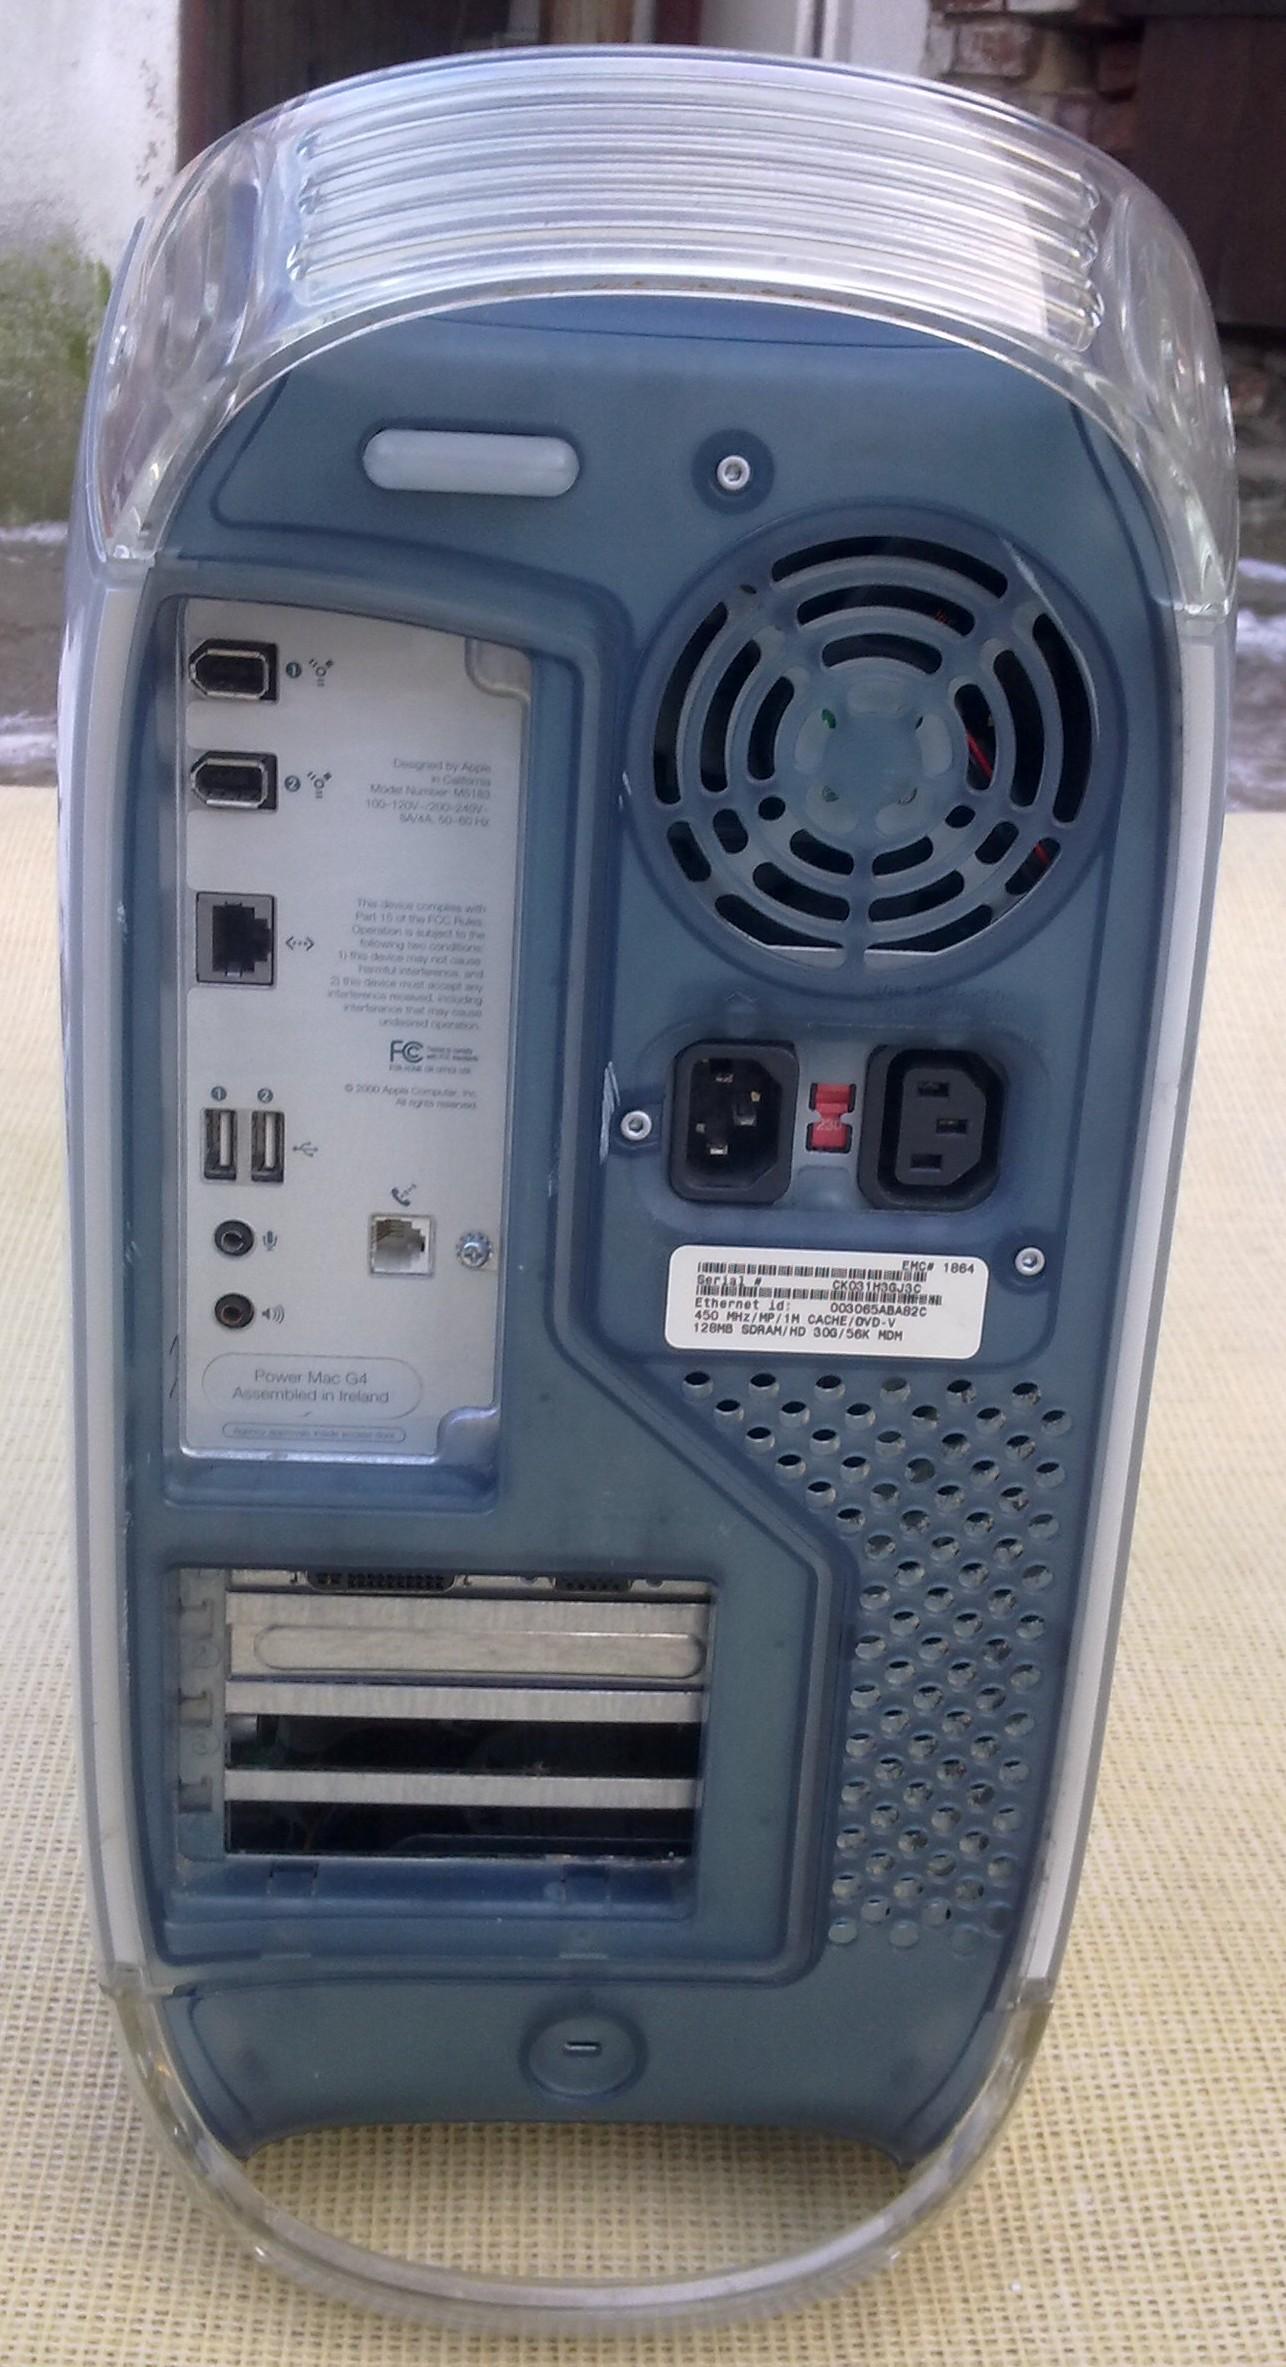 [Kupi�] Stary hardware - Mac, Amiga, pierwsze PC.